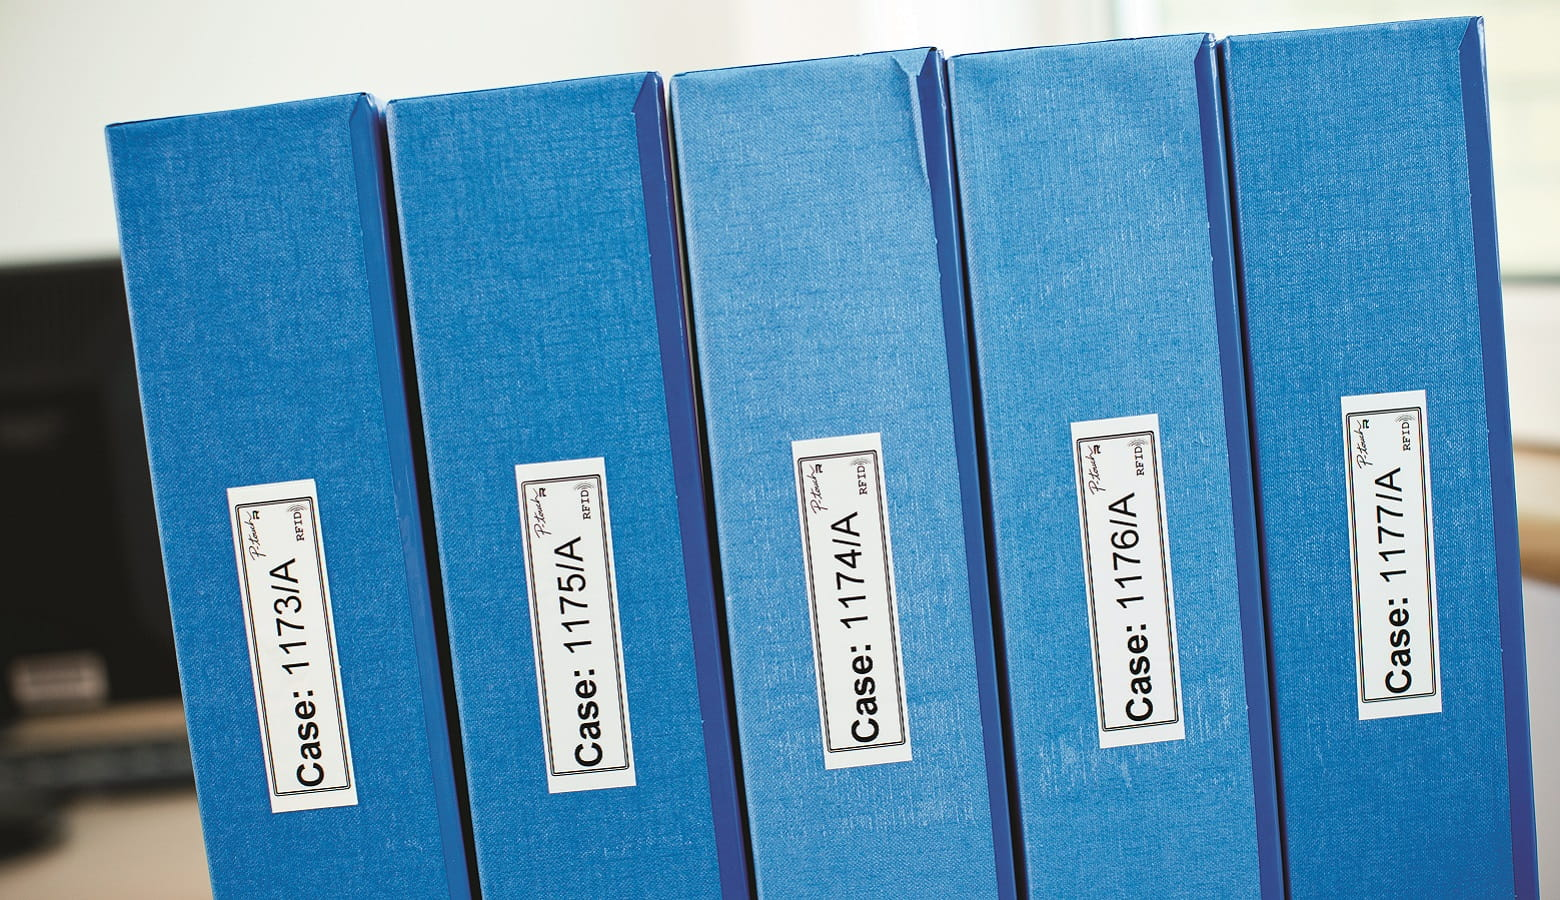 Raccoglitori etichettati con etichette Brotehr TZe